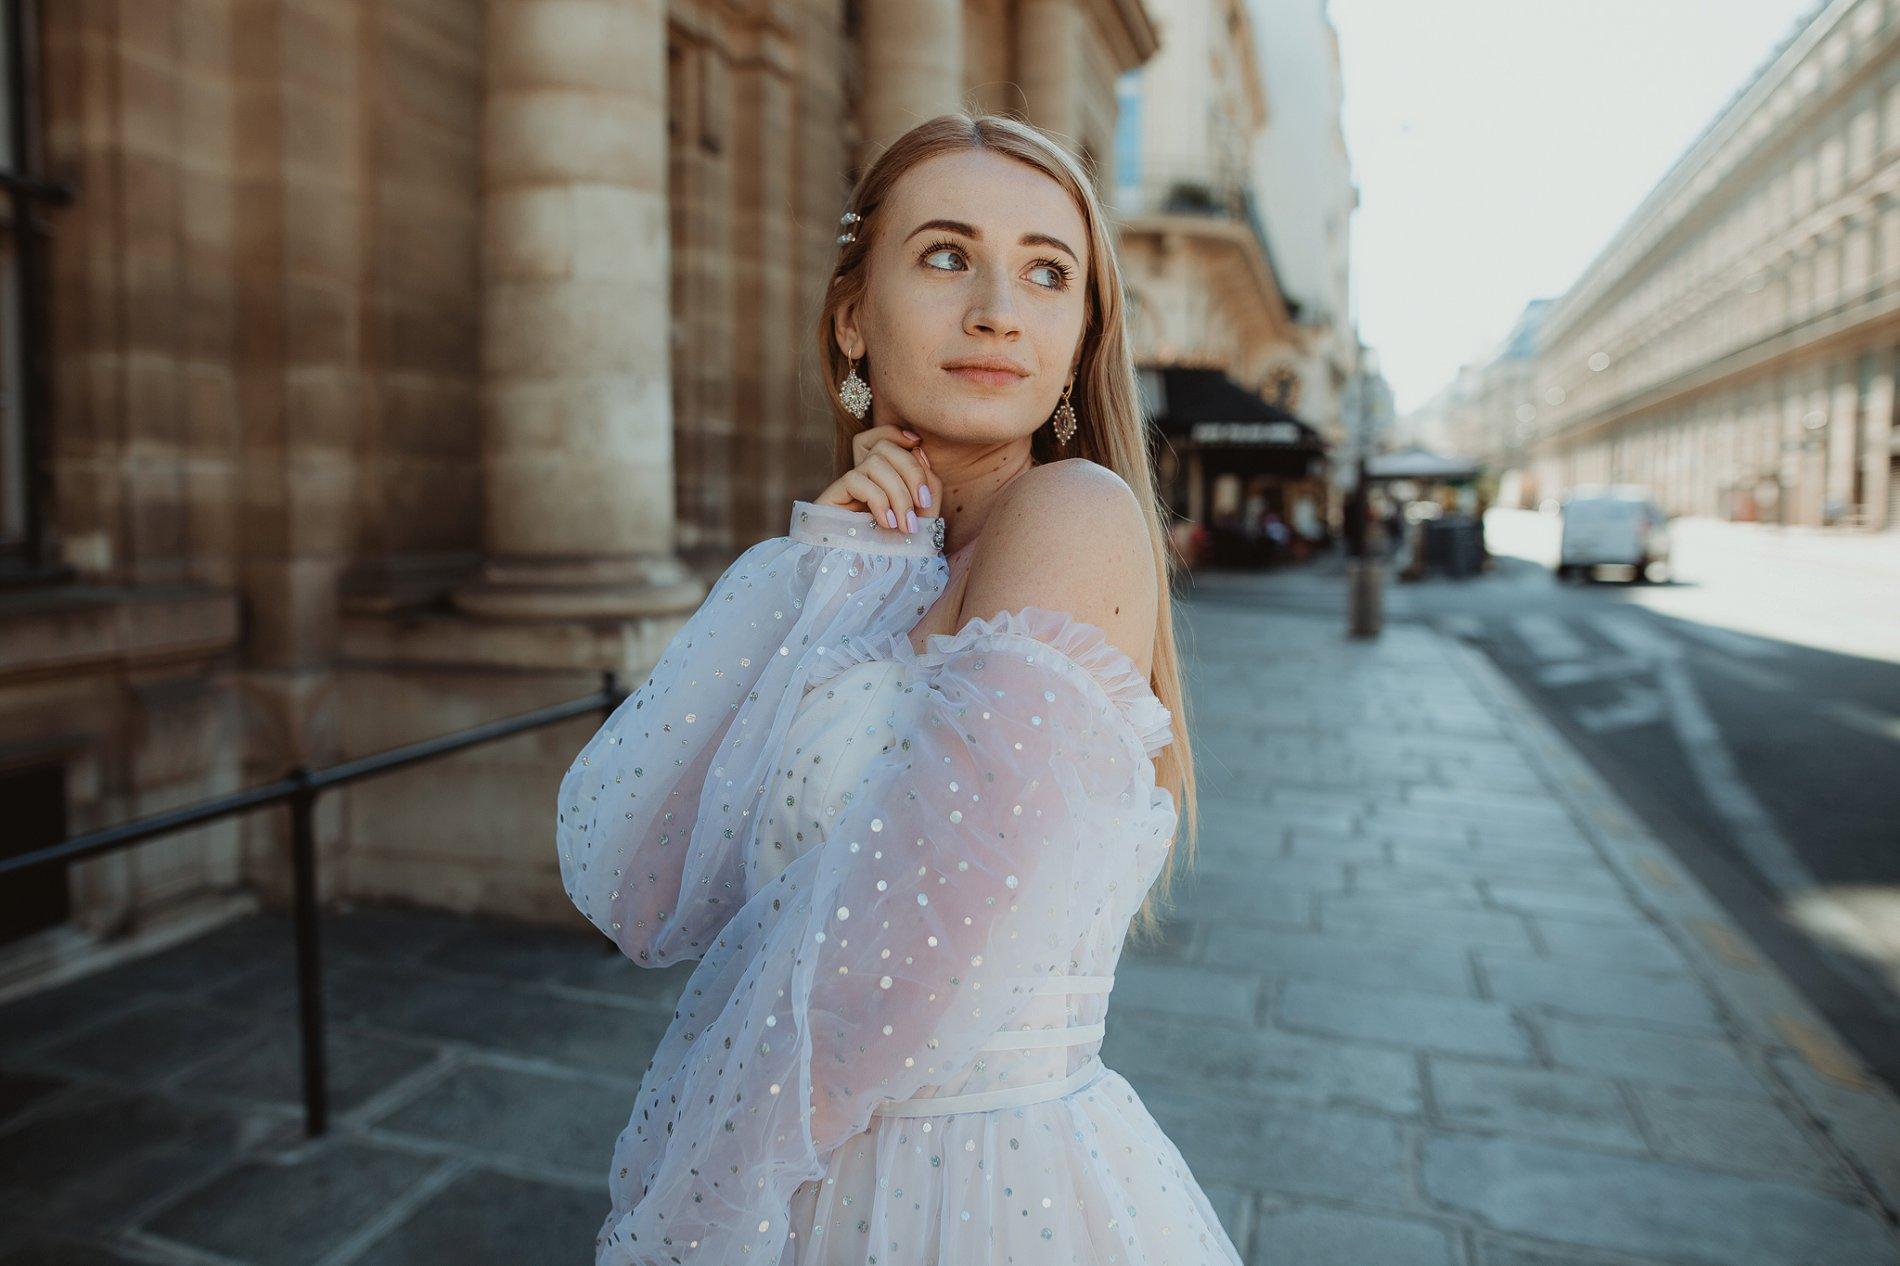 Miss He Bridal Romantic Paris Elopement (c) Xanthe Rowland Photography (21)